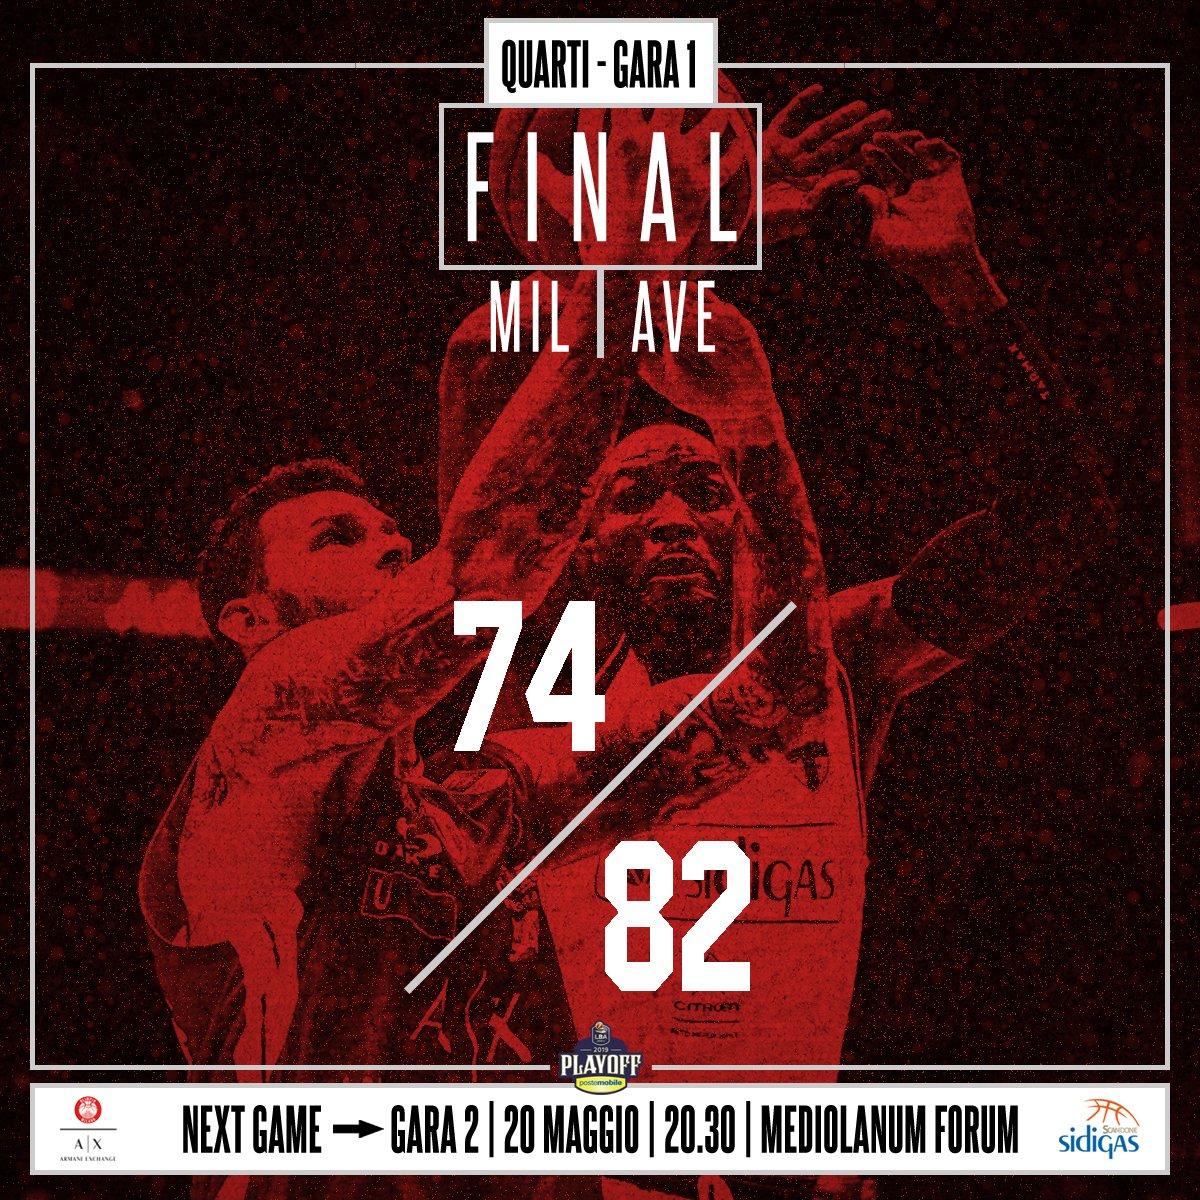 Legabasket, quarti di finale - Prima sorpresa: Avellino si impone in gara 1 contro la capolista Milano (74-82)